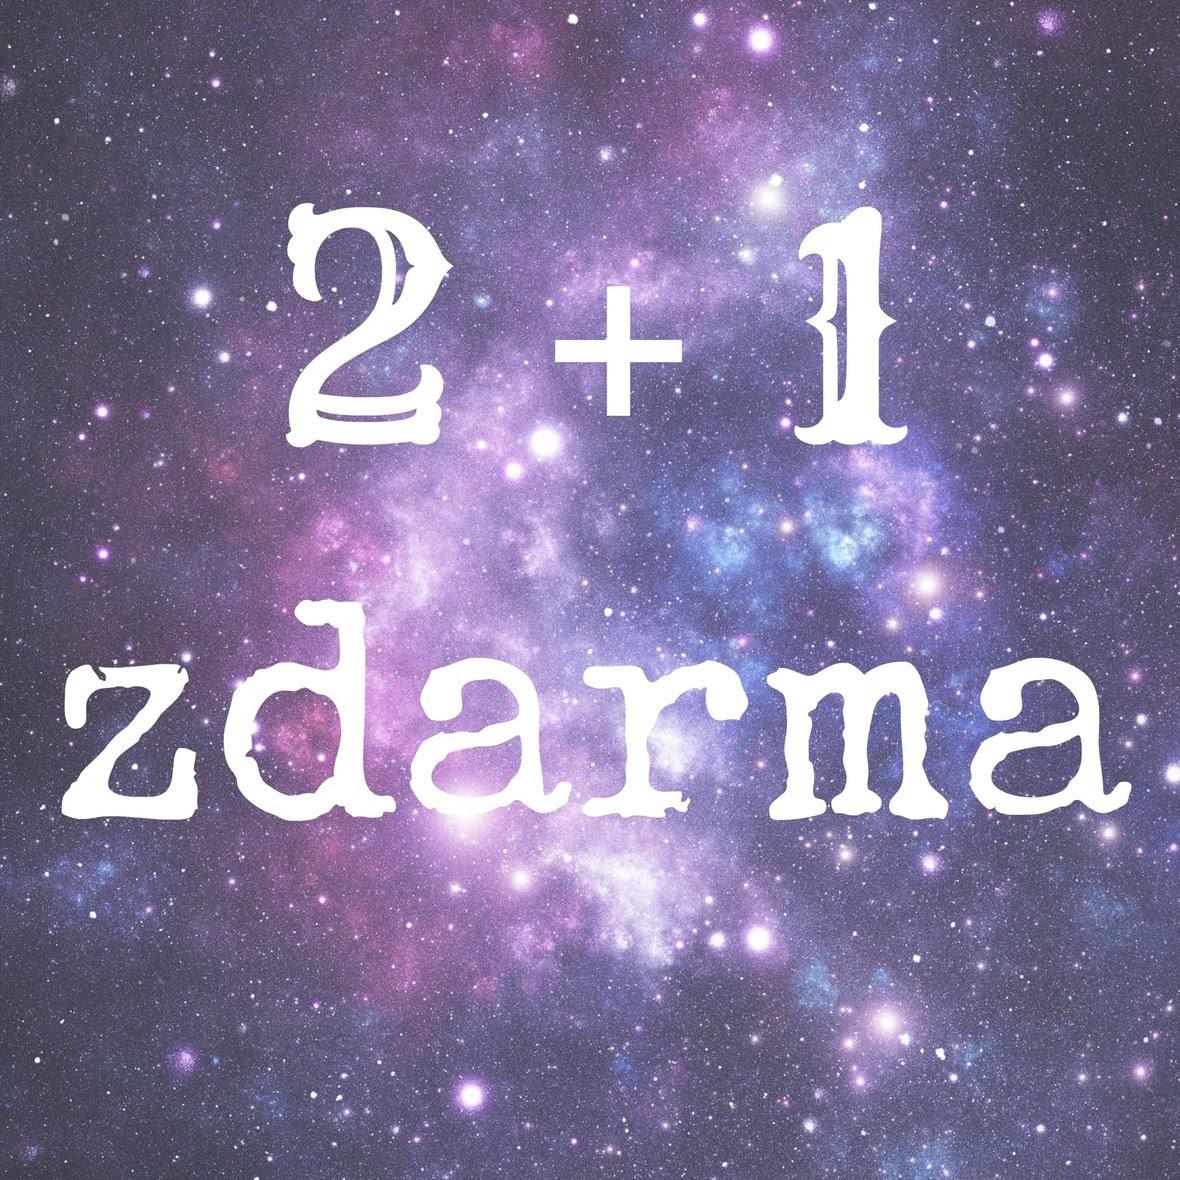 2plus1 zdarma